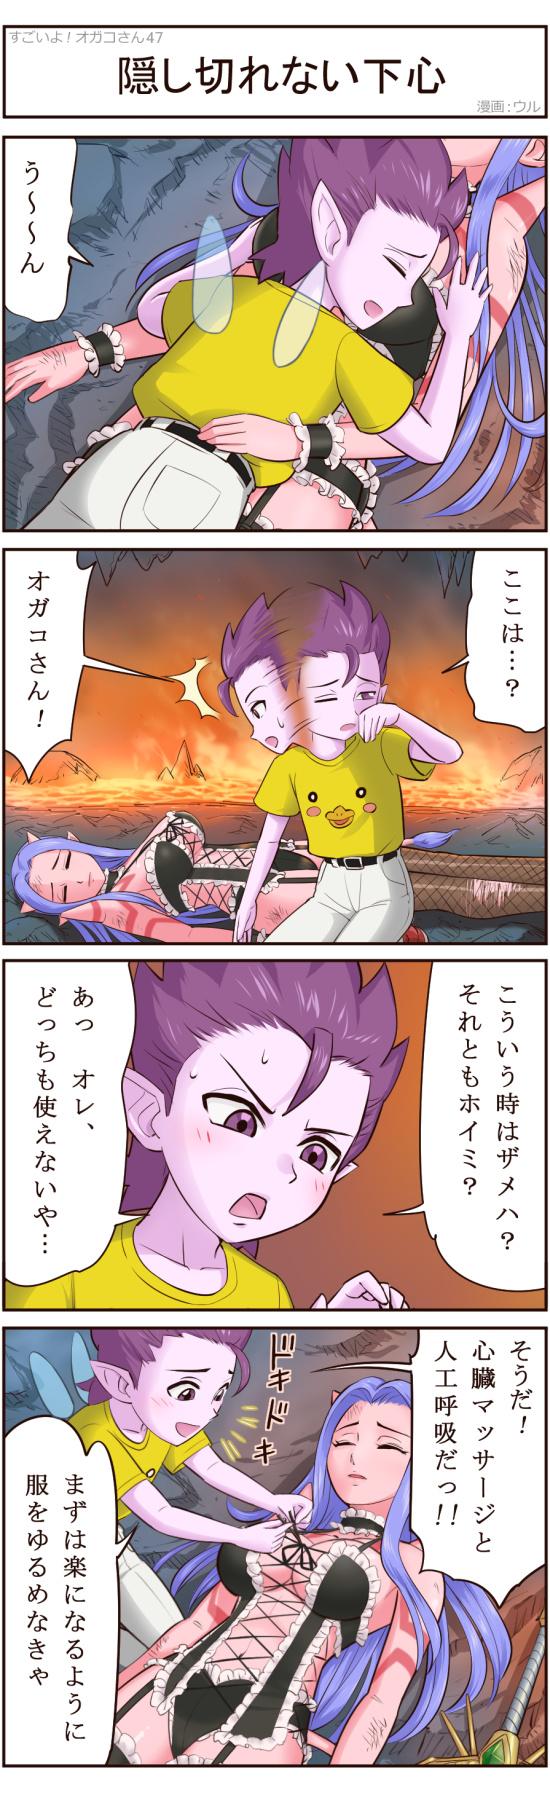 4コマ漫画DQXすごいよ!オガコさん第47話